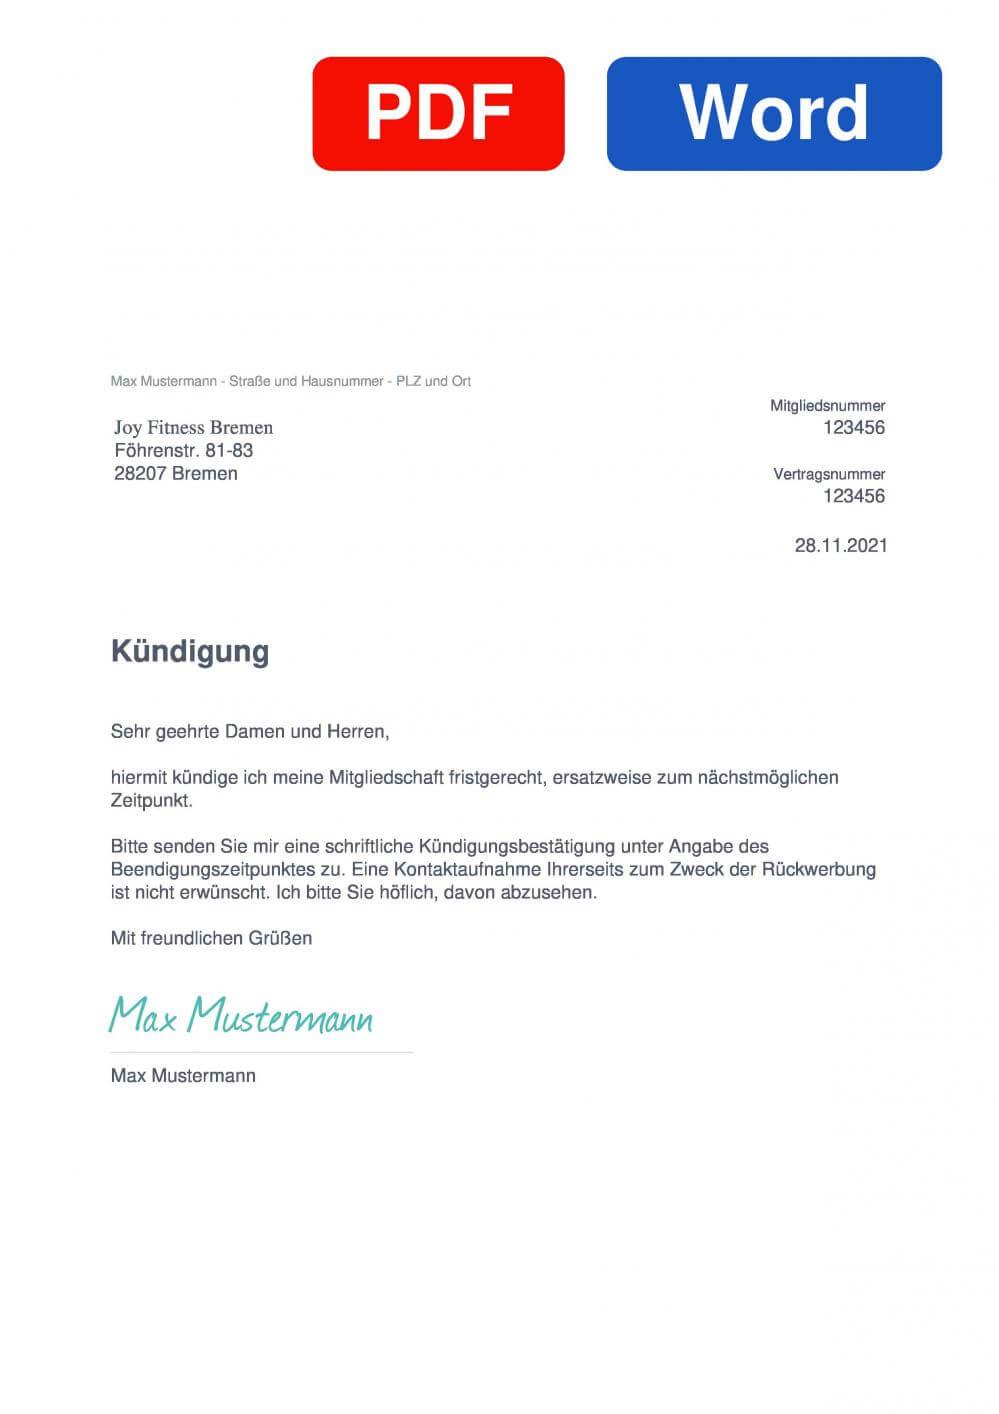 JOY Fitness Bremen Muster Vorlage für Kündigungsschreiben